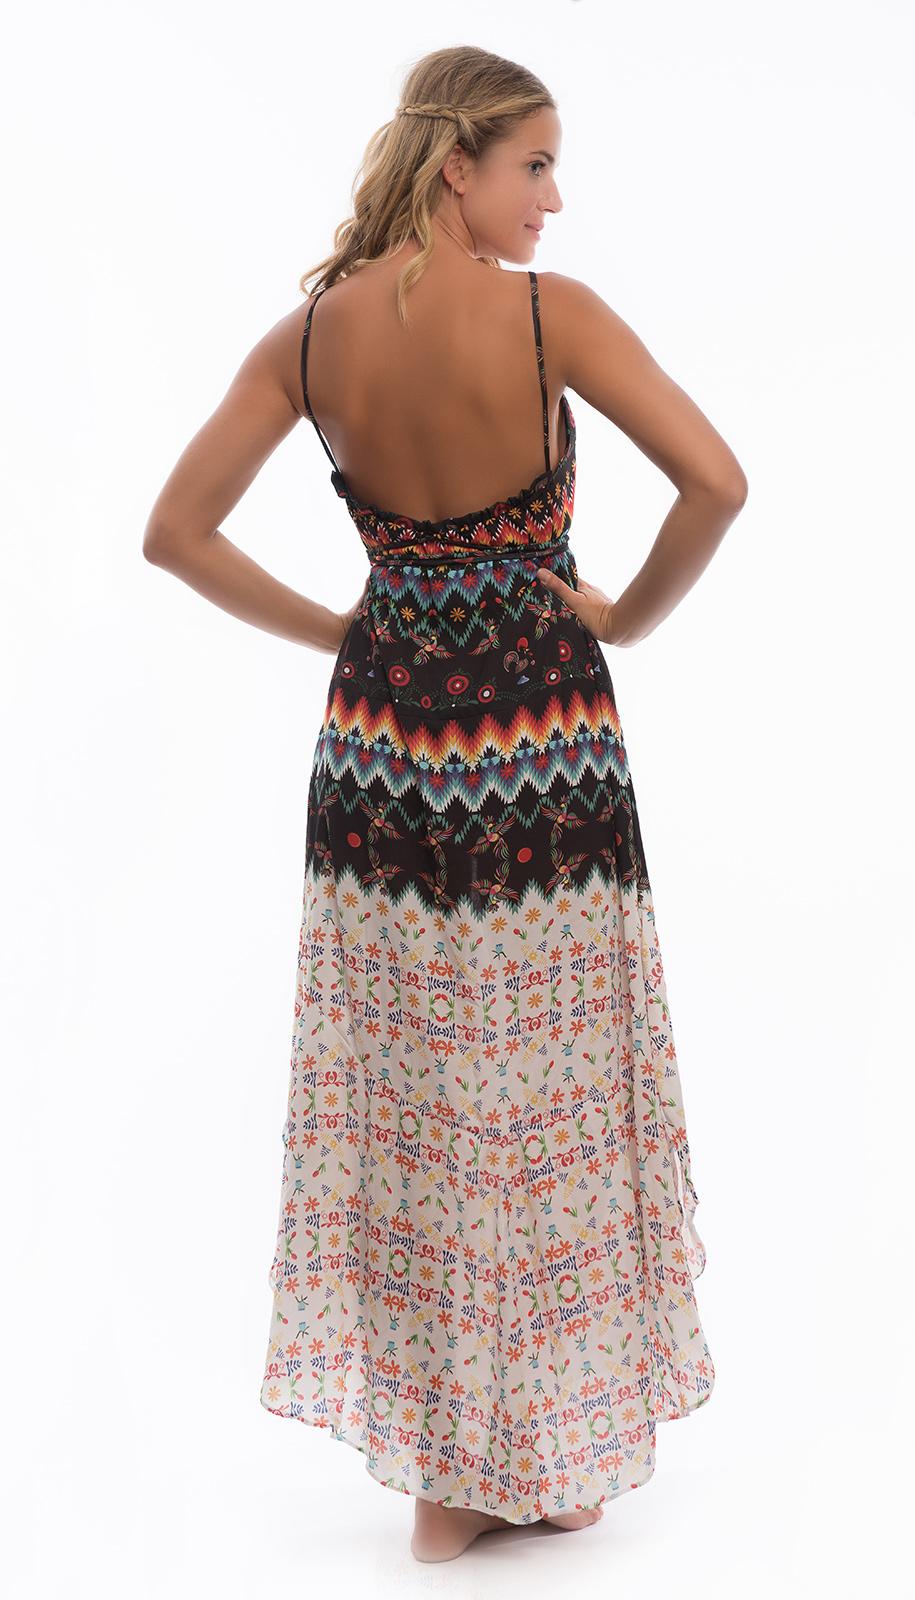 78b090b01d0e Vestito Vestito Lungo Da Spiaggia Stampa Allegra - Gladiator Dress